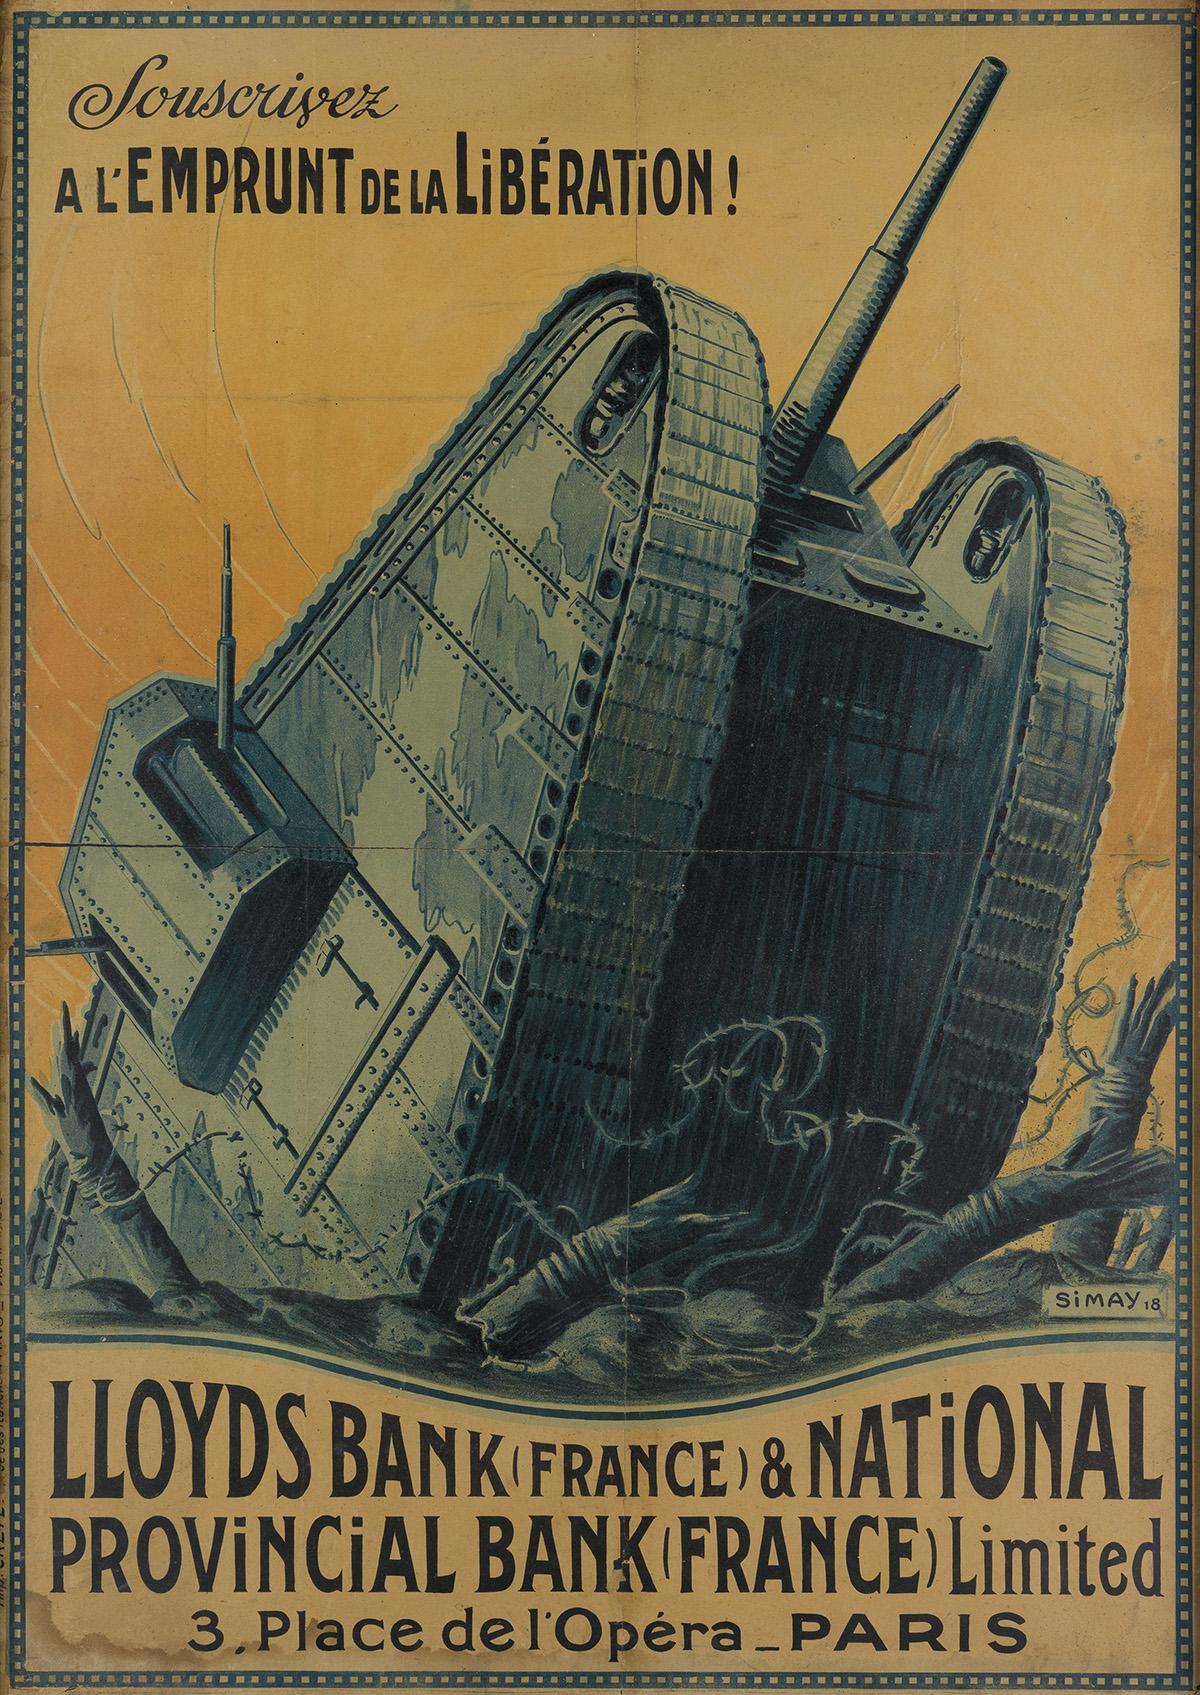 IMRE KAROLY SIMAY (1874-1955). SOUSCRIVEZ A LEMPRUNT DE LA LIBÉRATION! 1918. 42x30 inches, 108x76 cm. Crété, Paris.